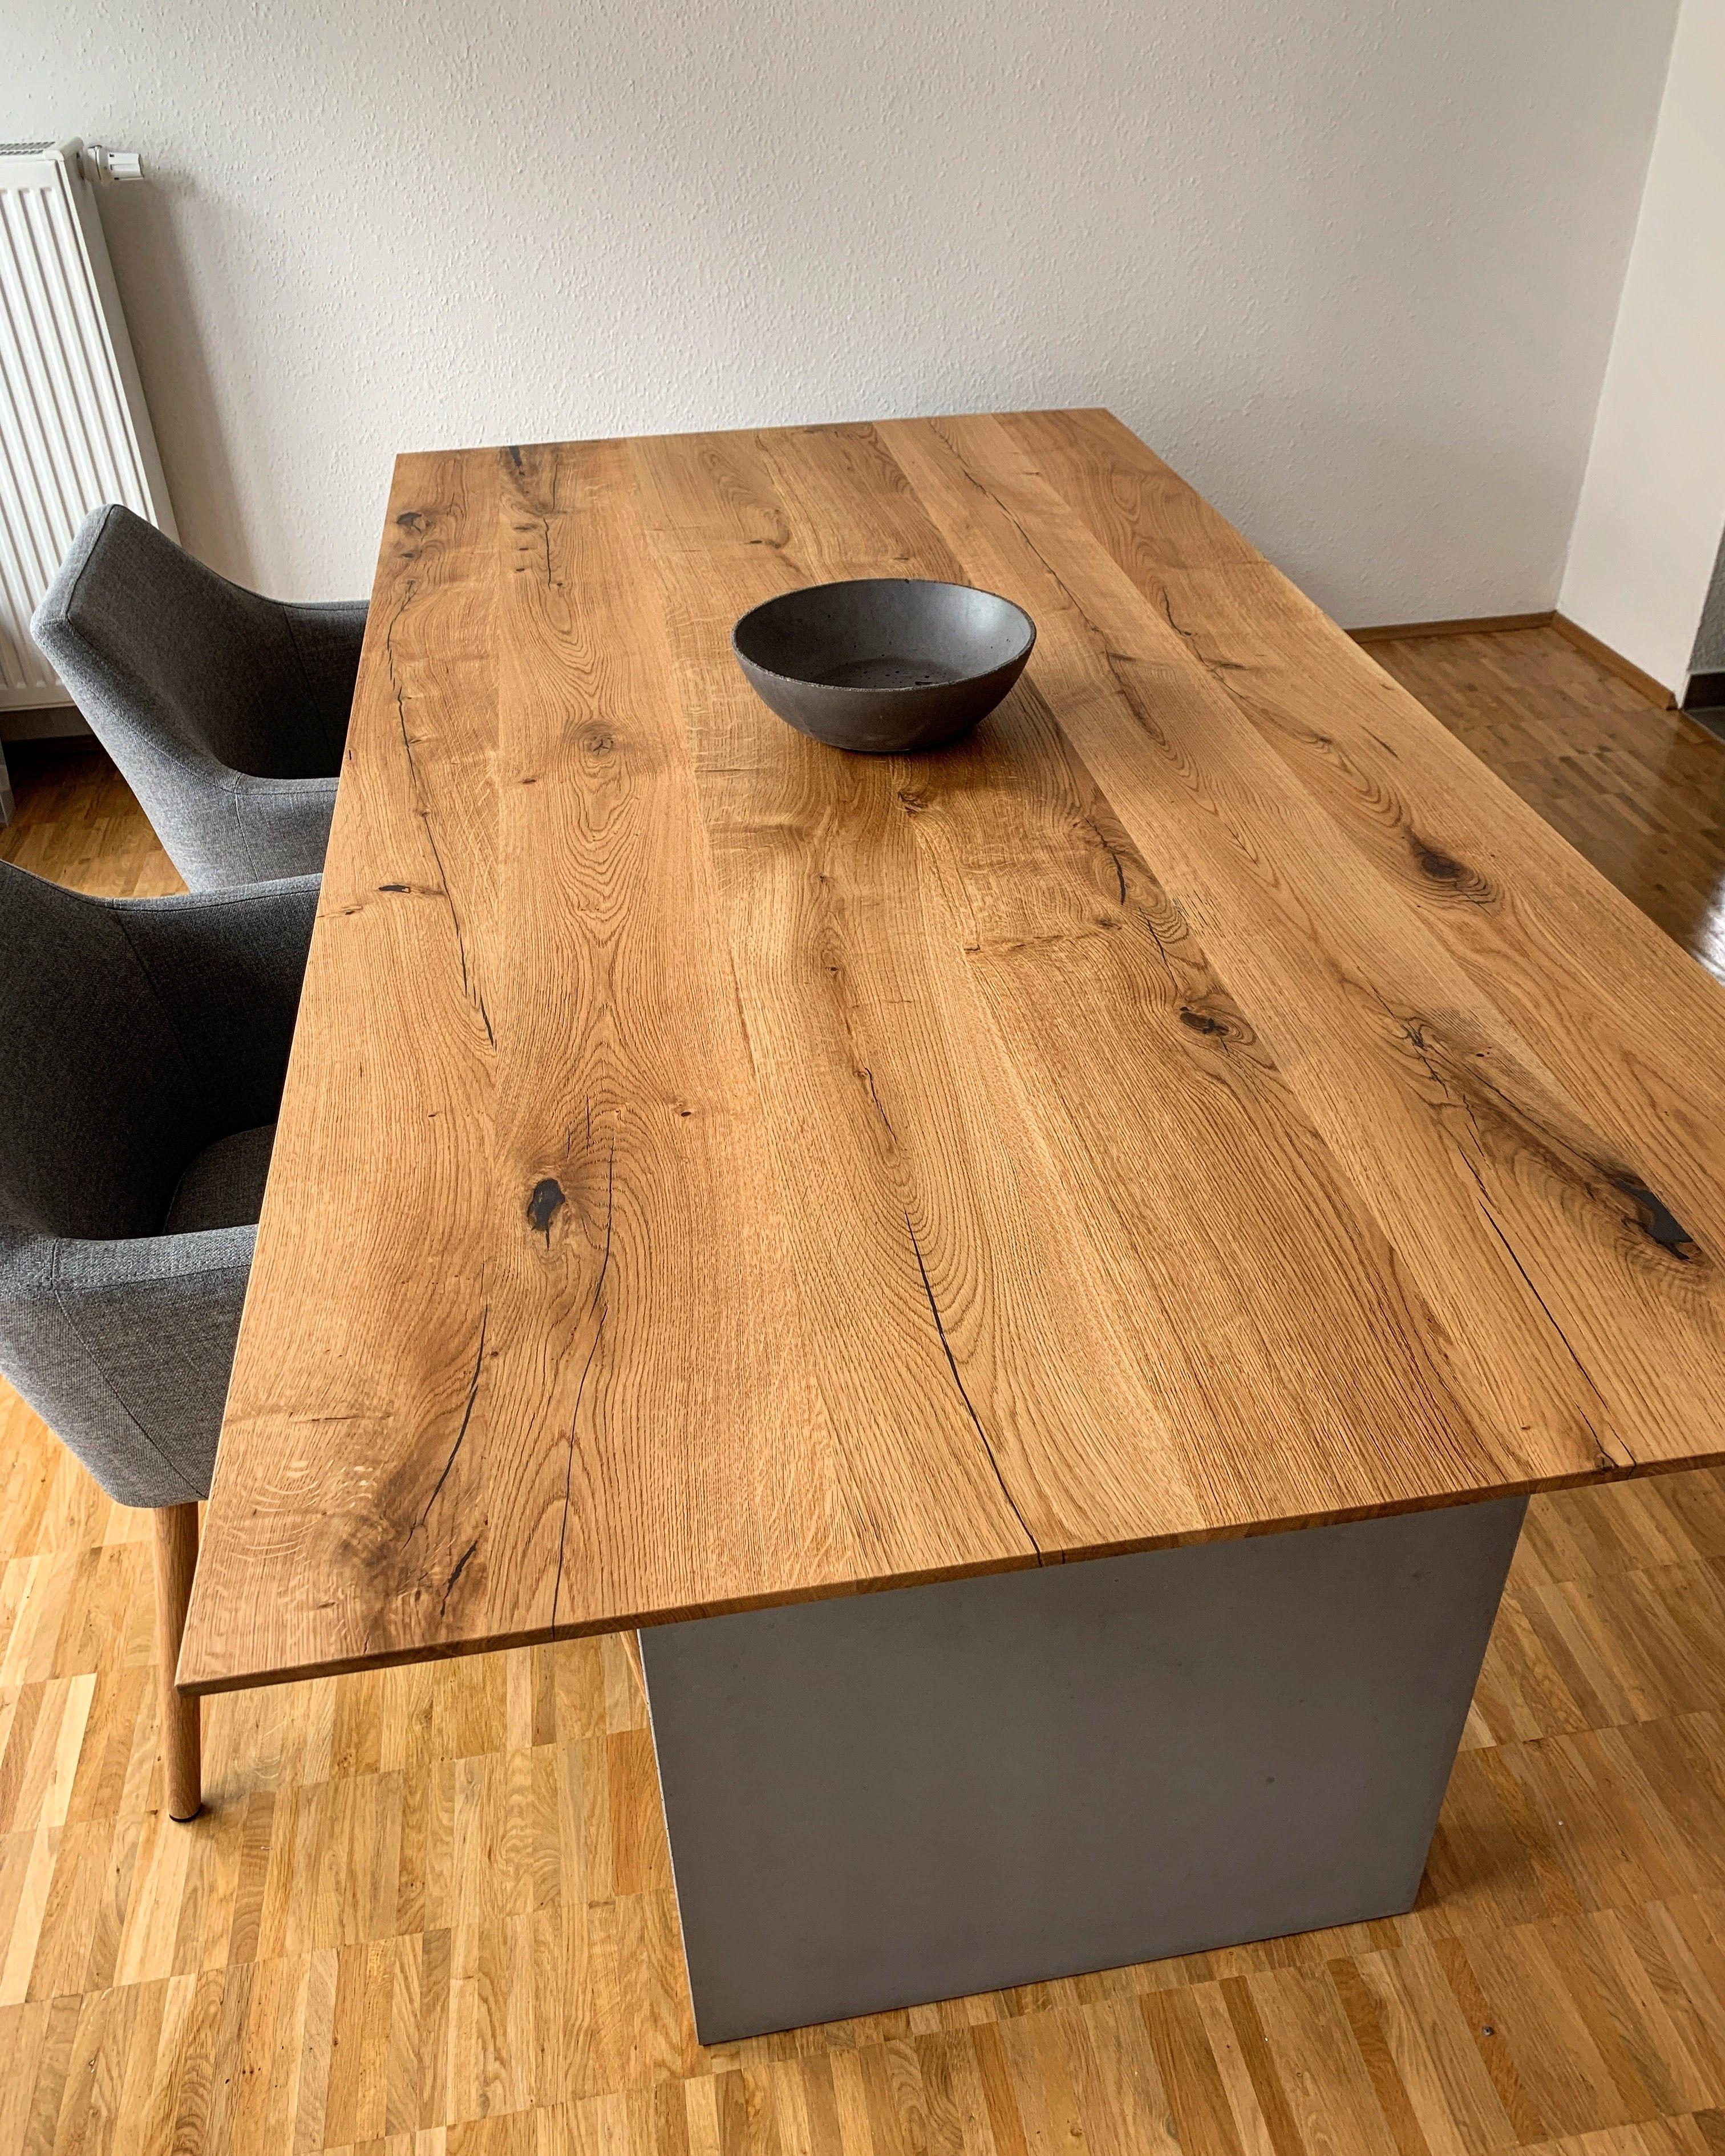 Esstisch In Eiche Und Beton Esstisch Design Tisch Tisch